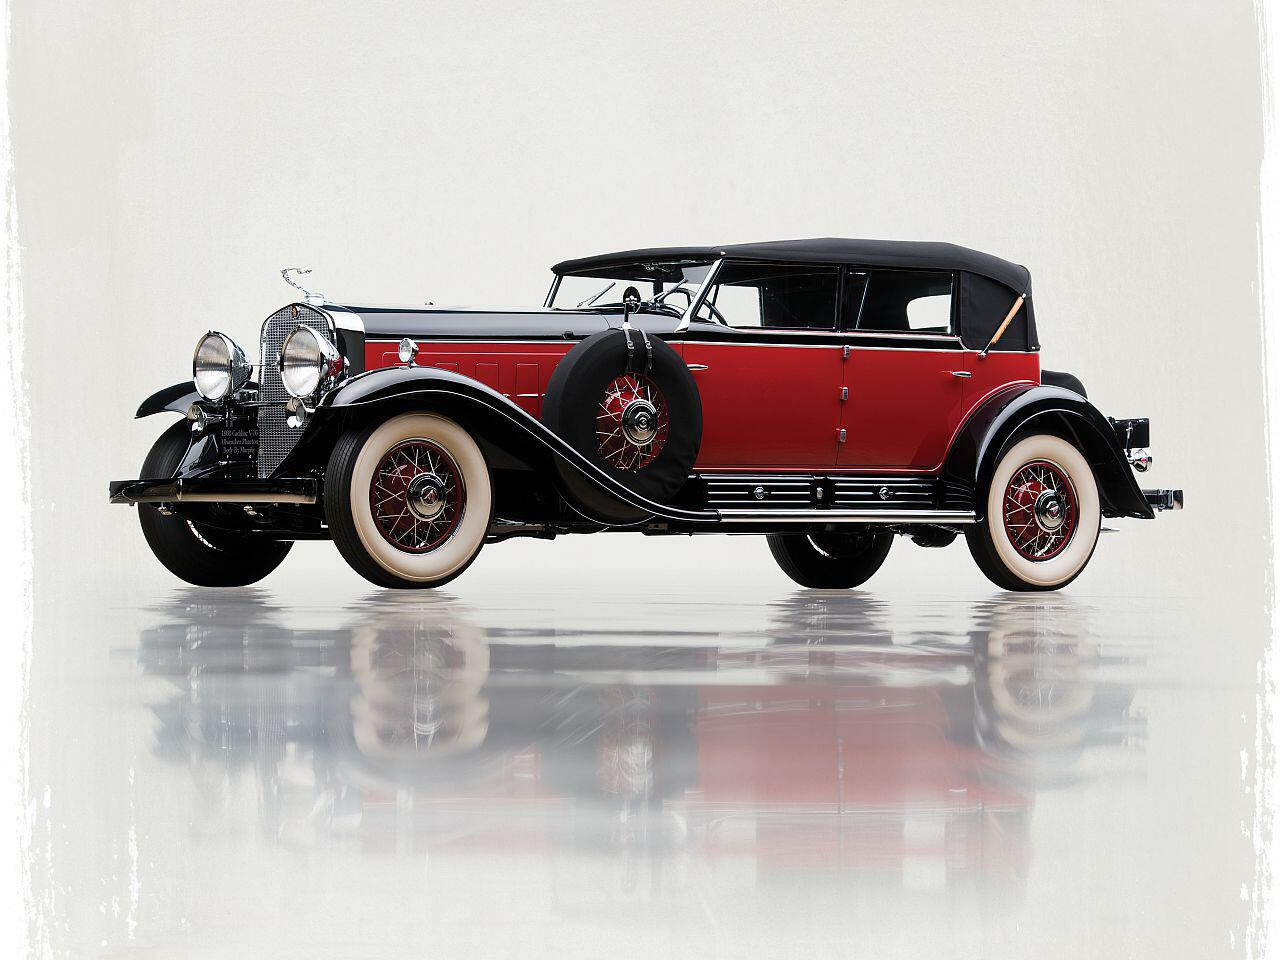 Bild zu Cadillac V-16 Convertible Sedan by Murphy von 1930